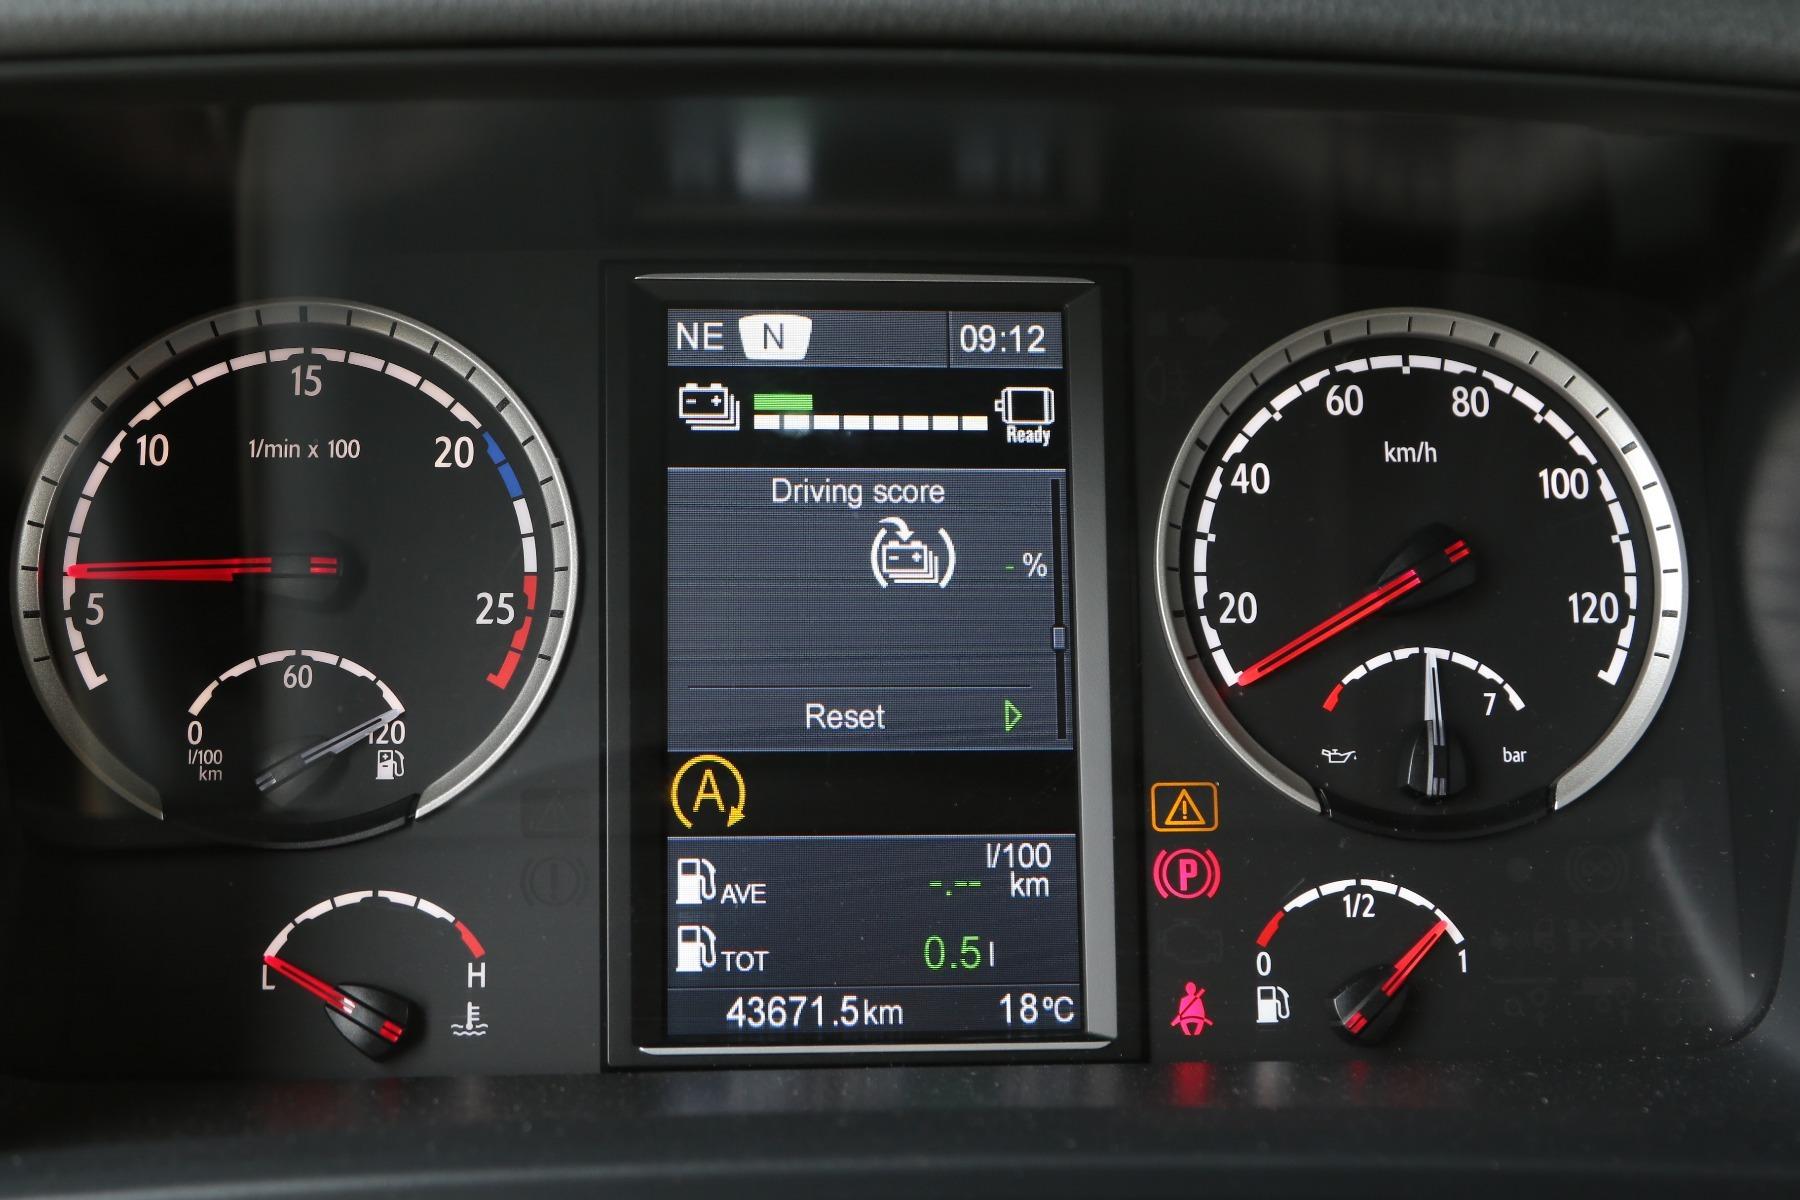 A Scania Járművezető-támogatás a dízel modellekkel ellentétben itt csak a regeneratív fékezést értékeli valós idejűleg, százalékos mutatószámmal